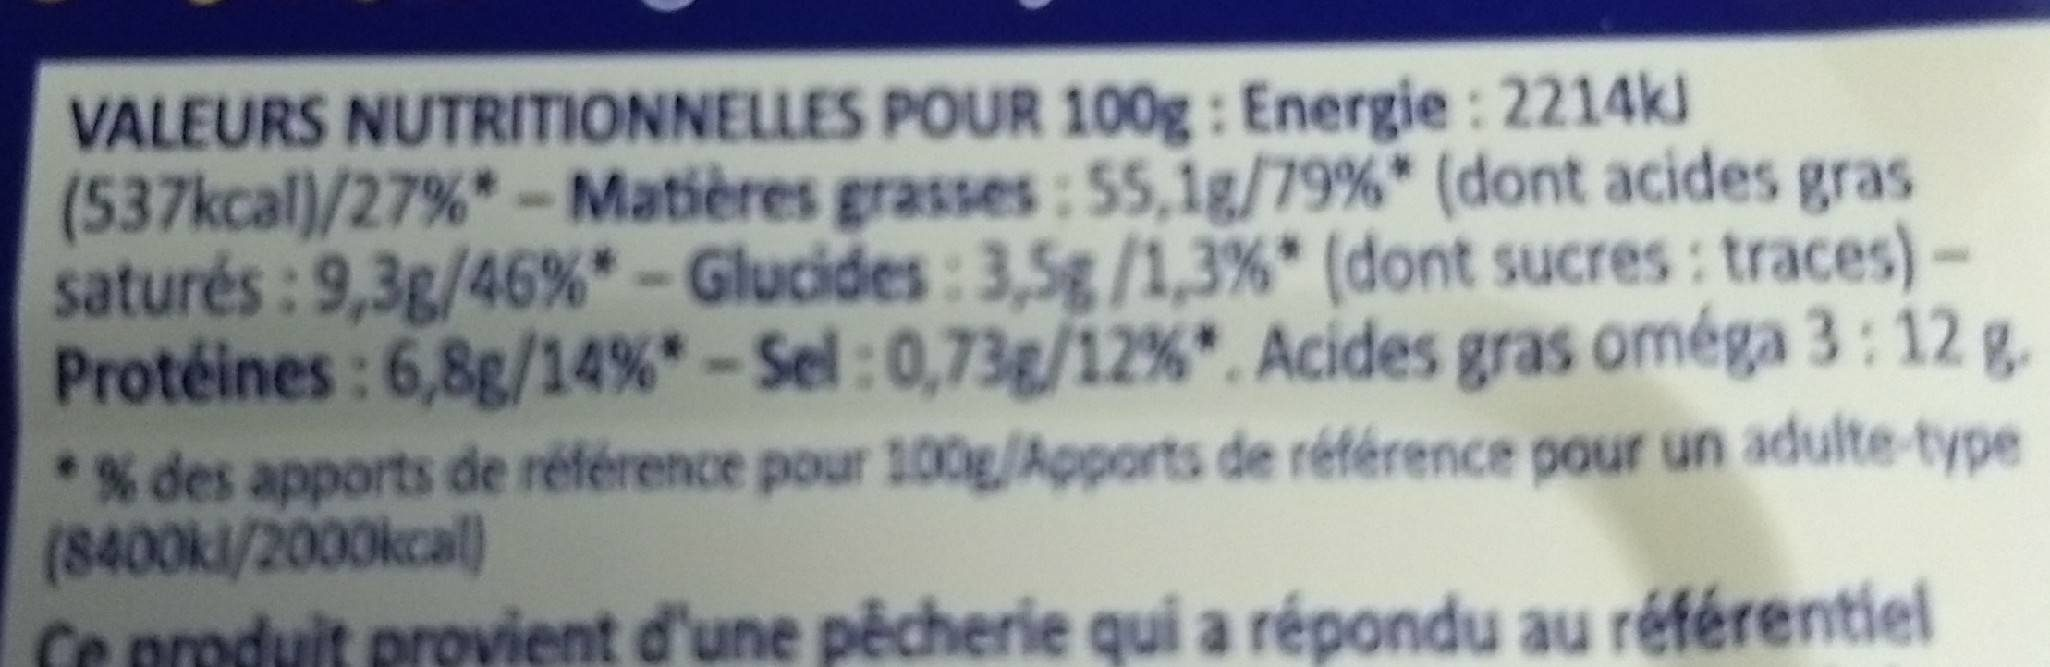 Foie de morue goût fumé - Informations nutritionnelles - fr